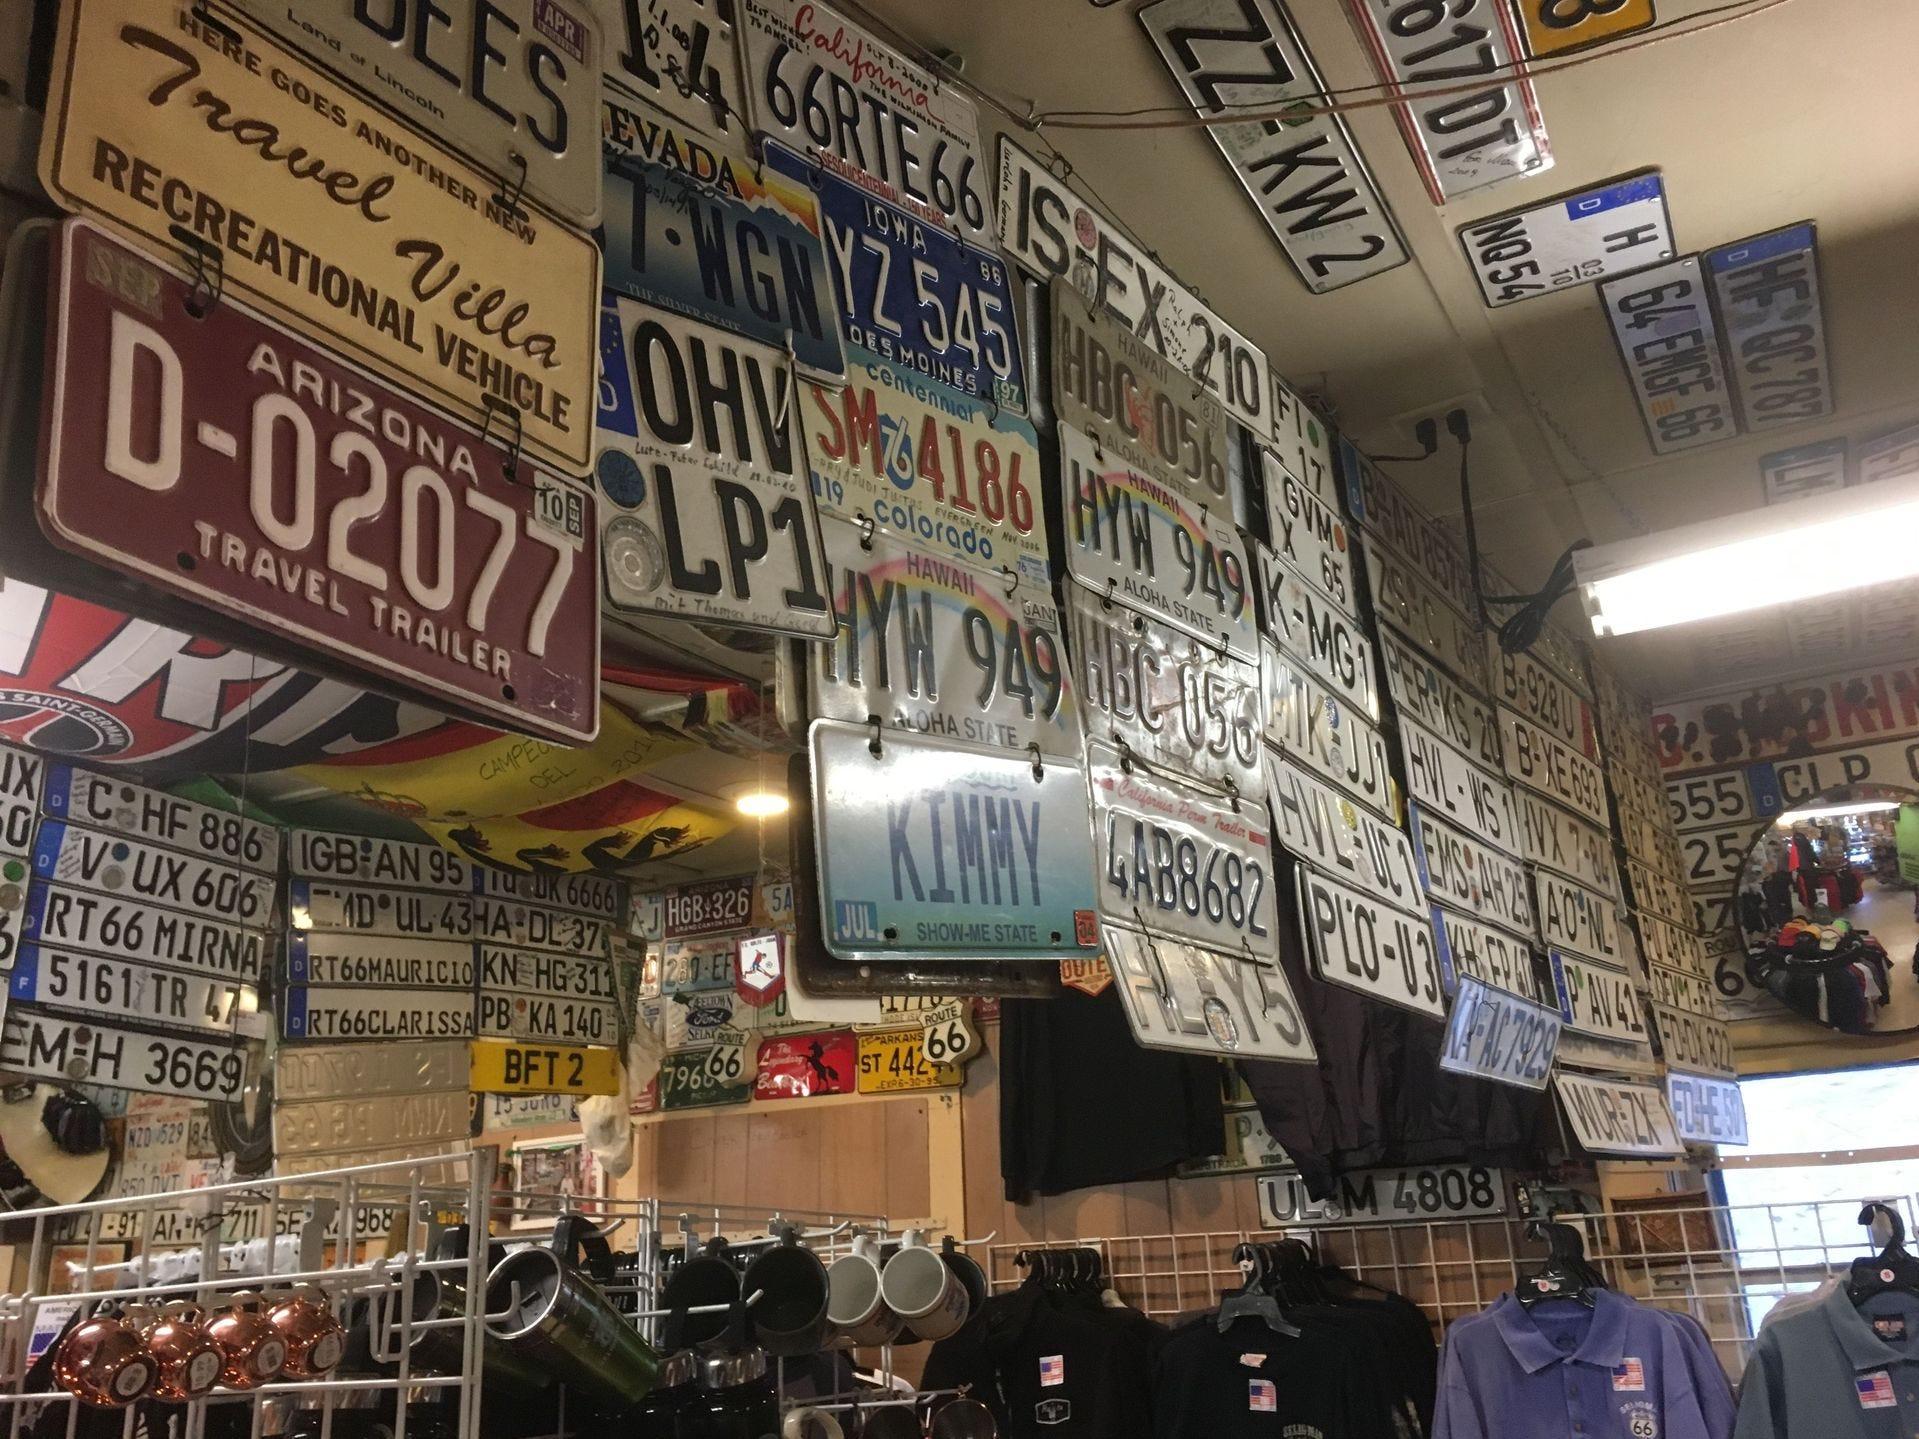 Docenas de visitantes han contribuido con placas de matrícula antiguas y modernas para la exhibición dentro de la tienda de regalos Route 66 de Angel Delgadillo.